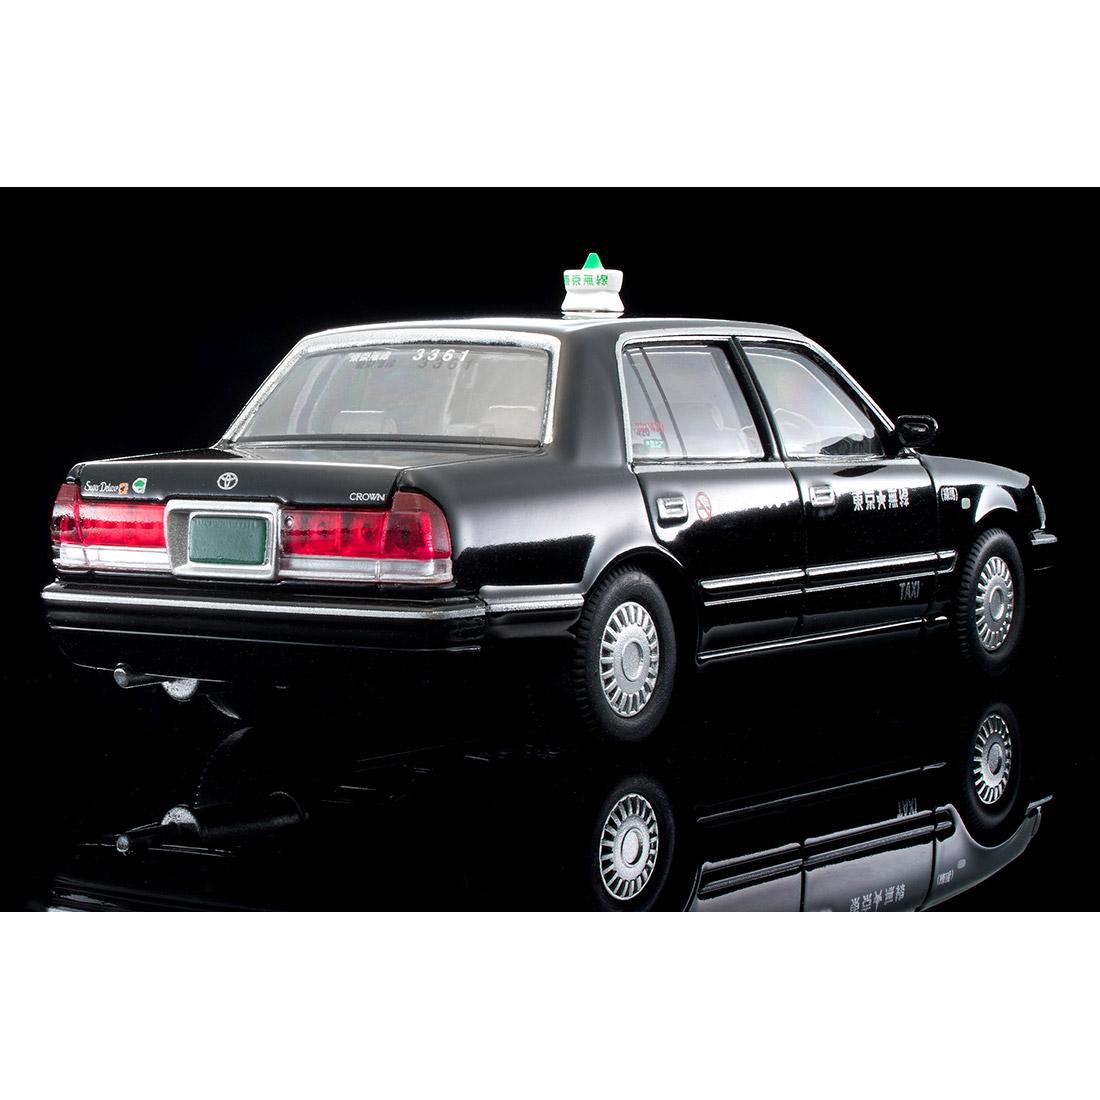 トミカリミテッド ヴィンテージ ネオ TLV-NEO『LV-N218a トヨタ クラウンコンフォート 東京無線タクシー(緑)』1/64 ミニカー-018